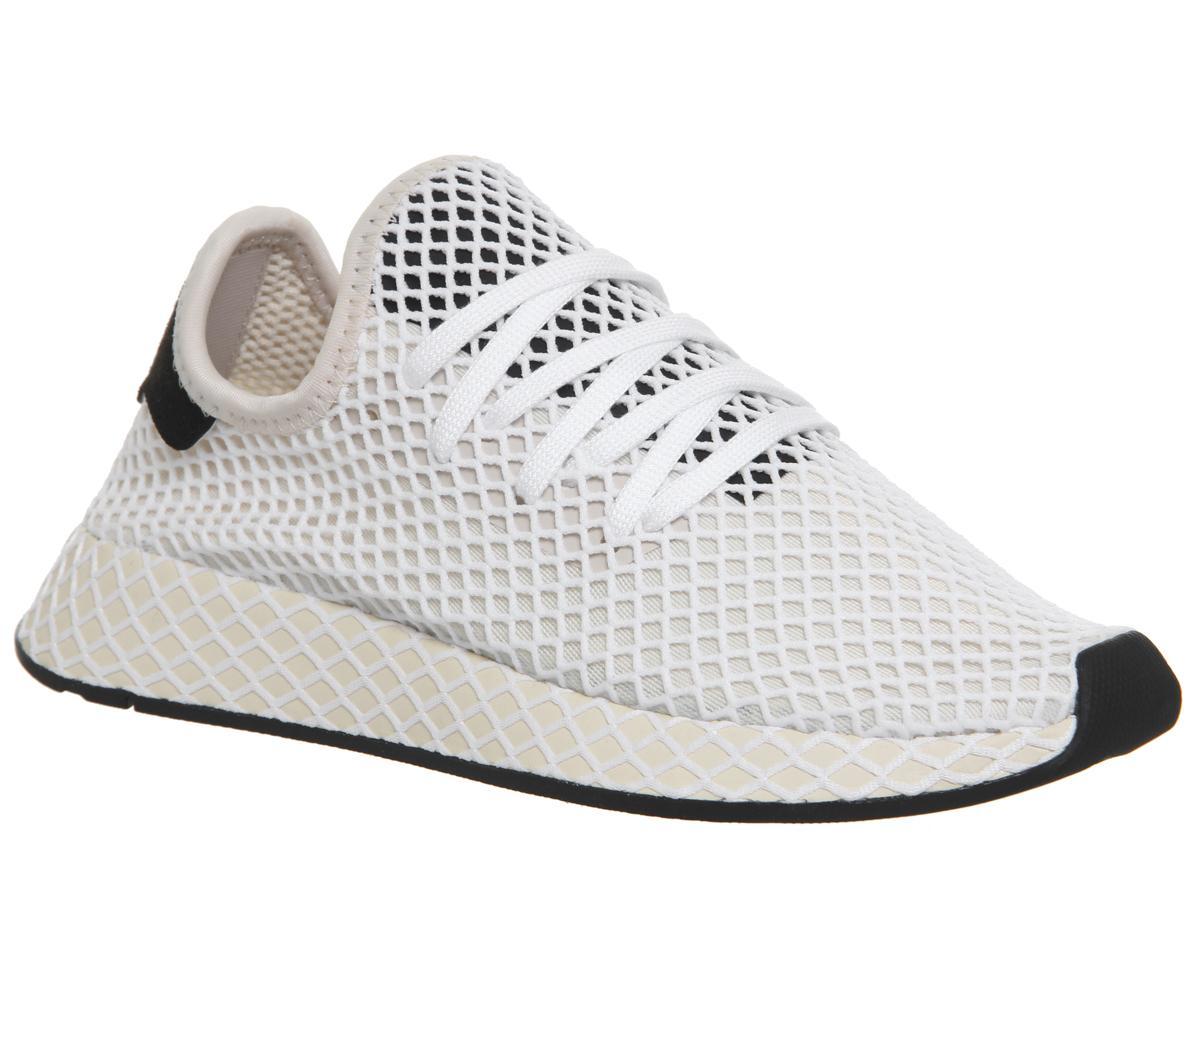 adidas Deerupt Trainers Linen Ecru Tint